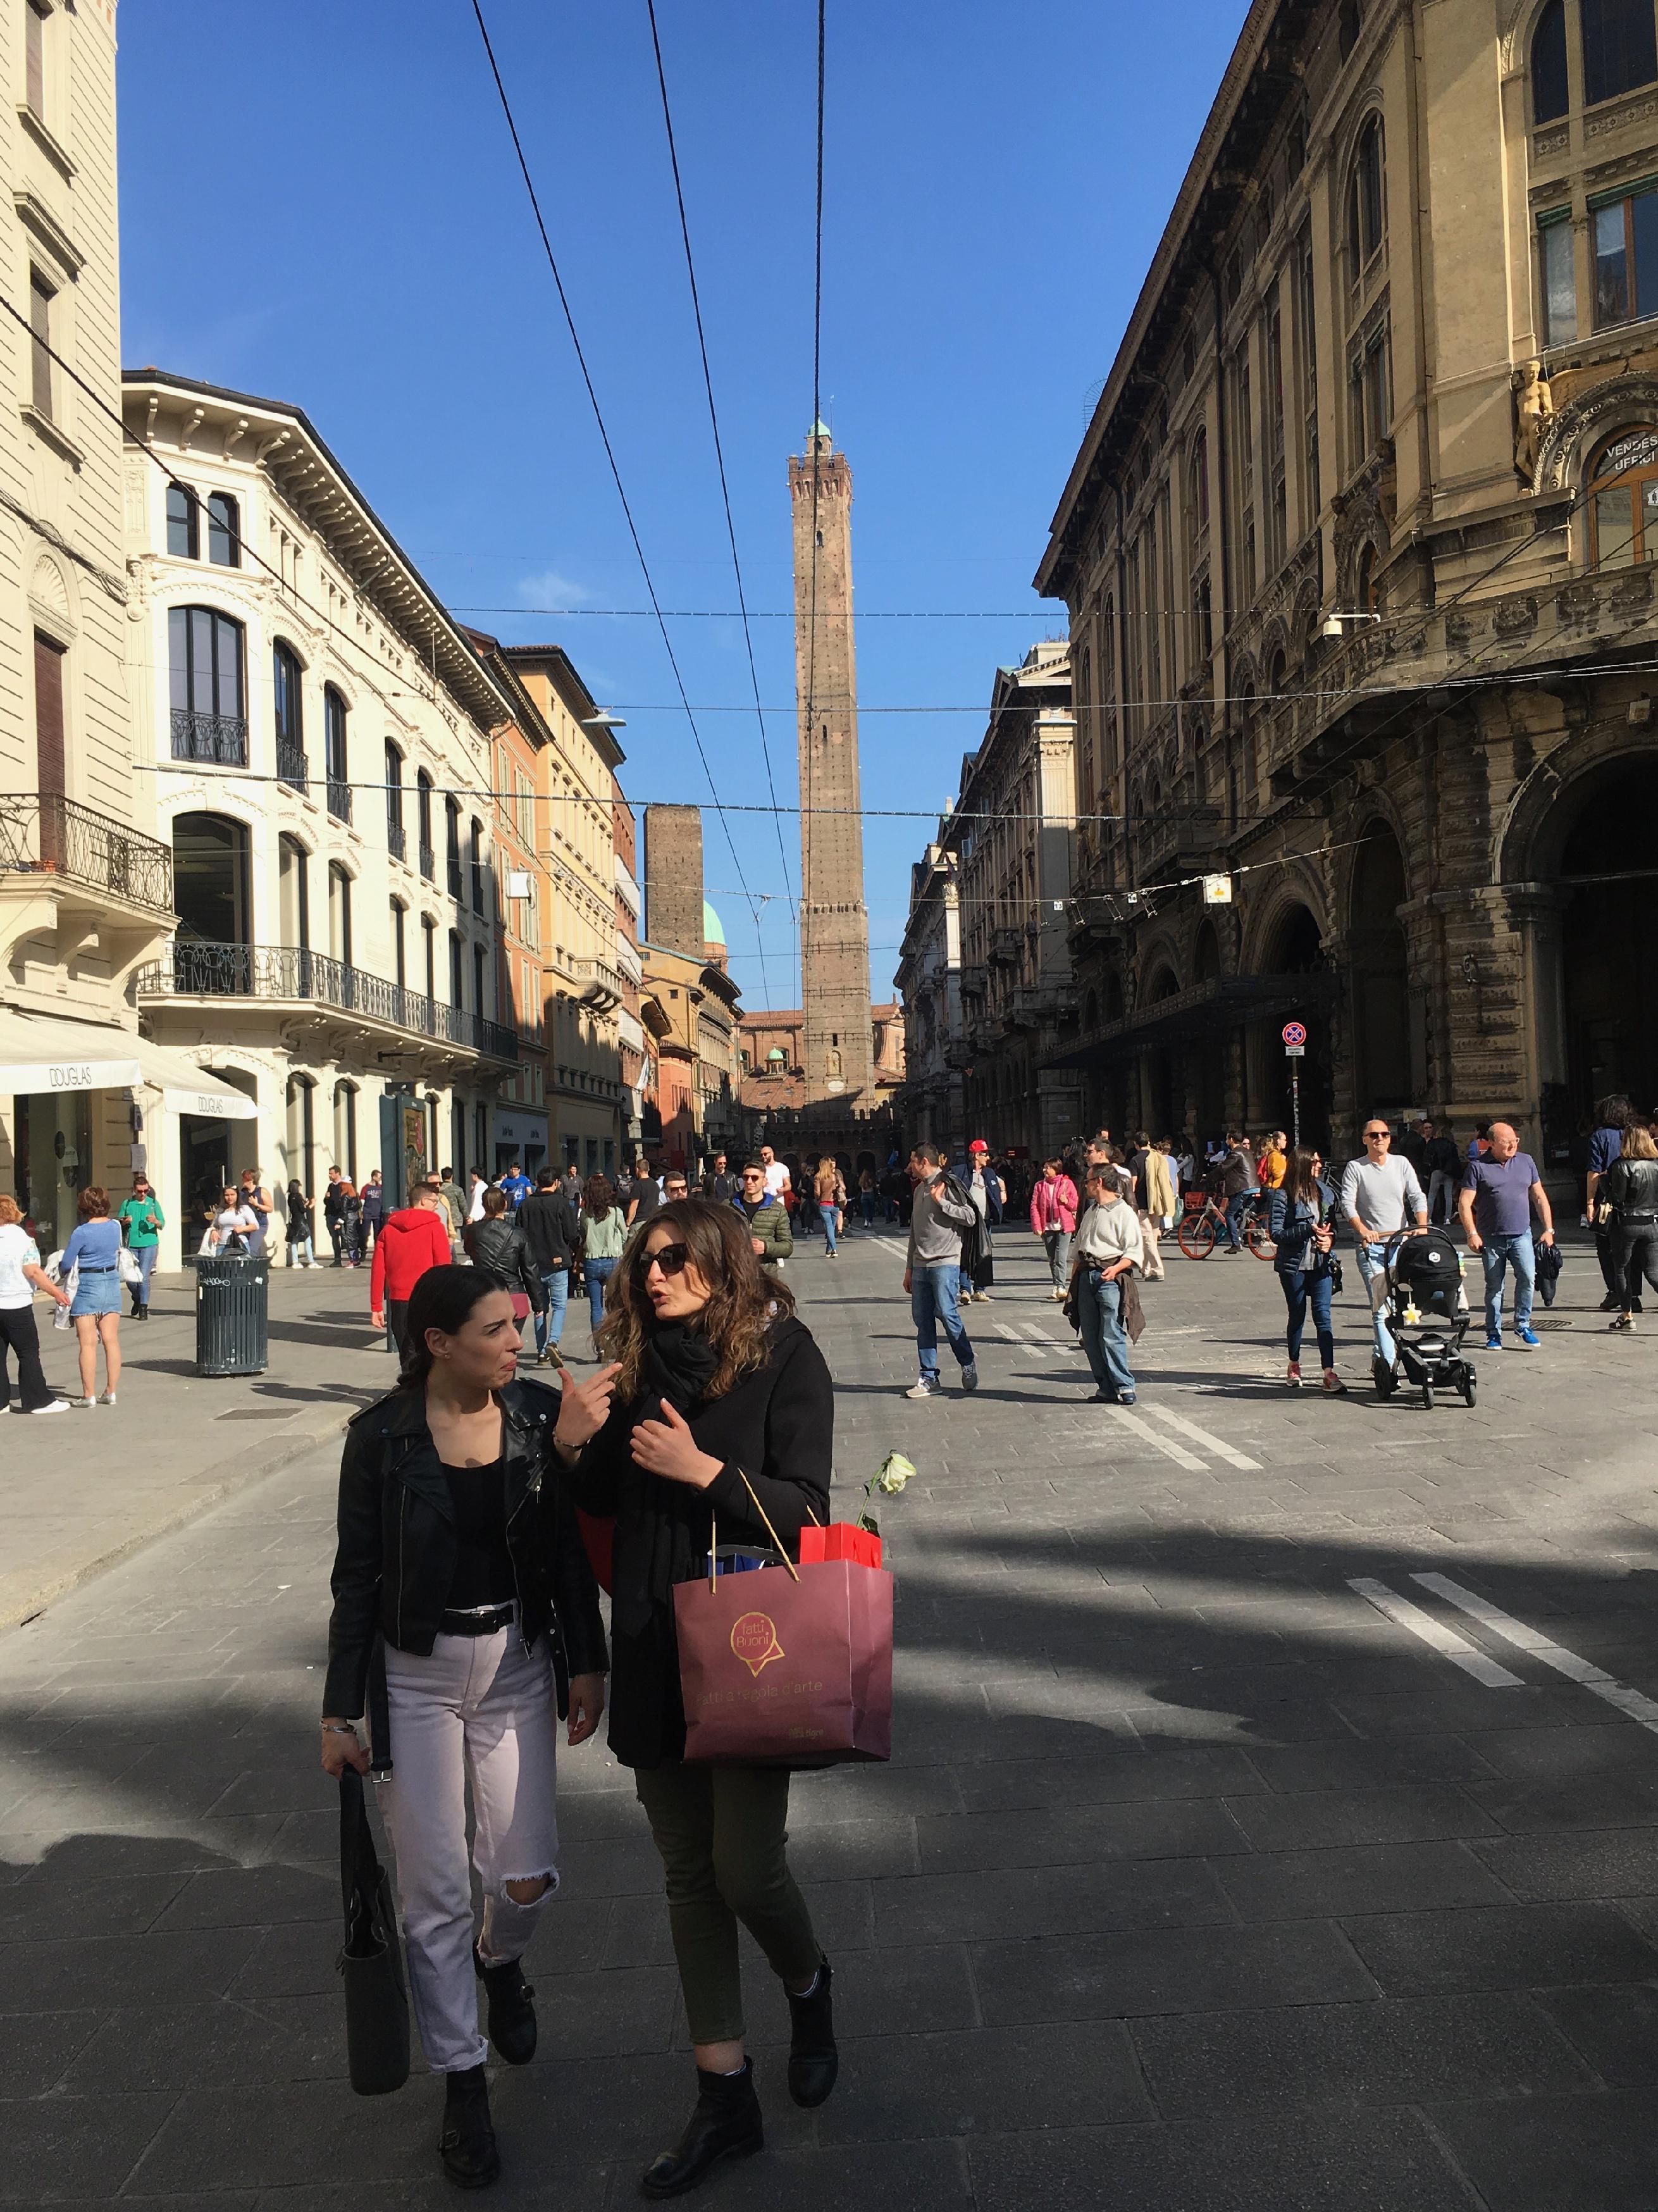 ボローニャの街並み。奥に高く細長い塔がみえる。手前におしゃれな女性2人組